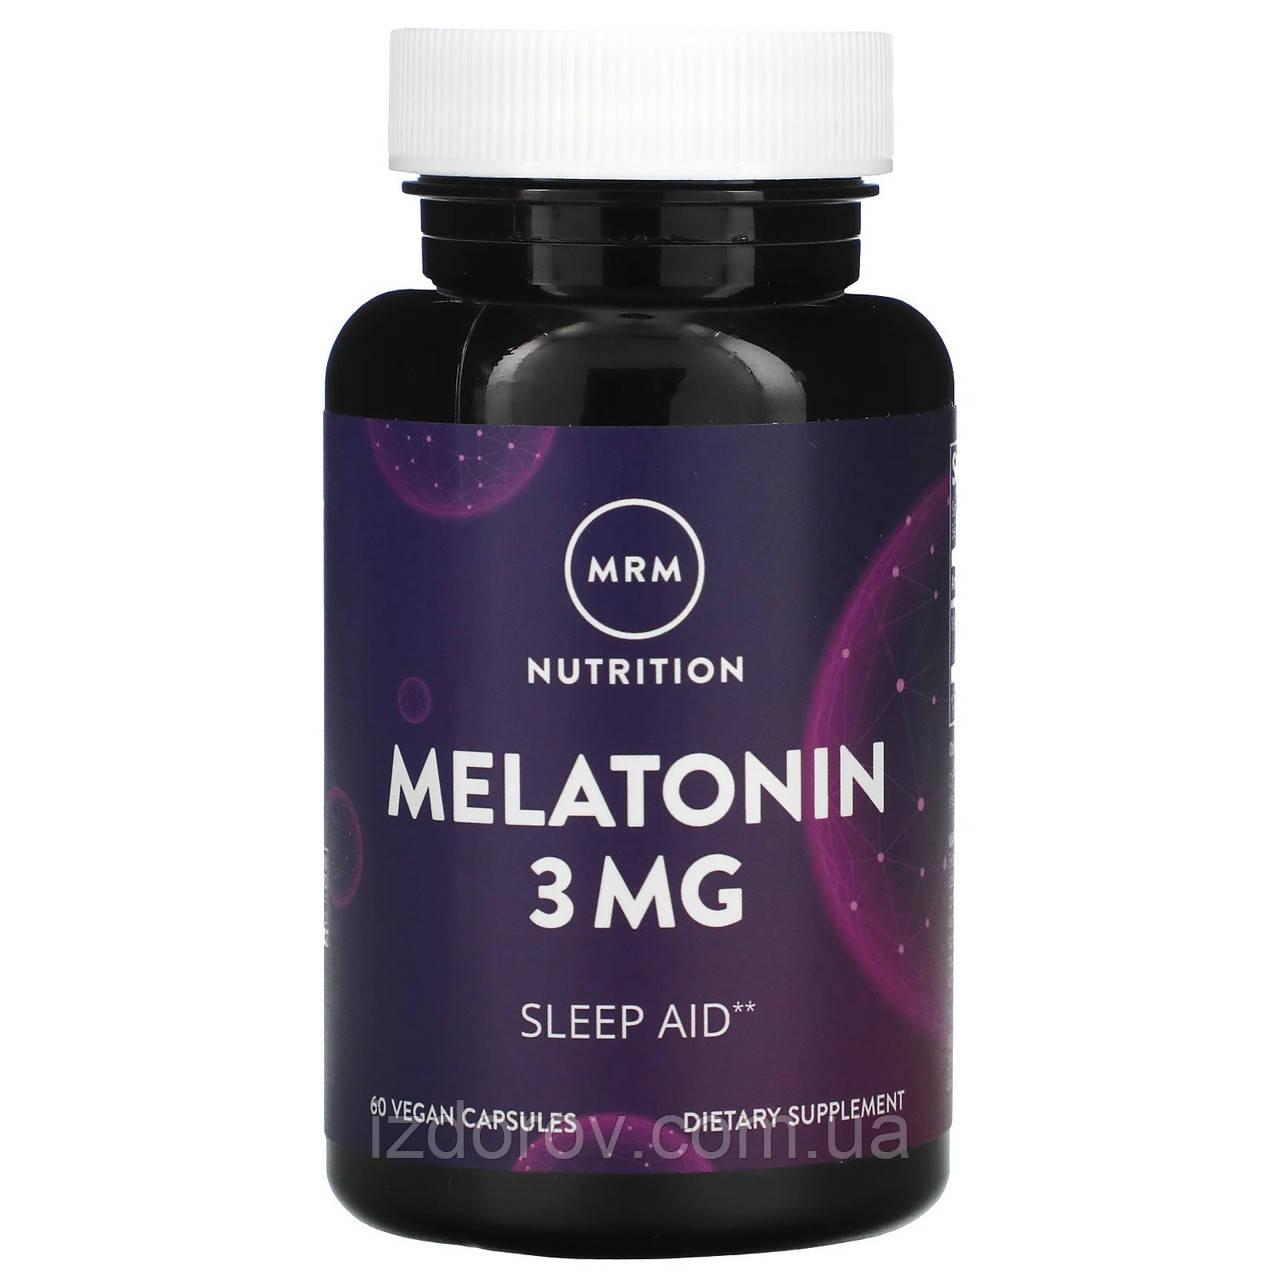 MRM, Мелатонін 3 мг, Melatonin, для поліпшення сну, 60 капсул веганских